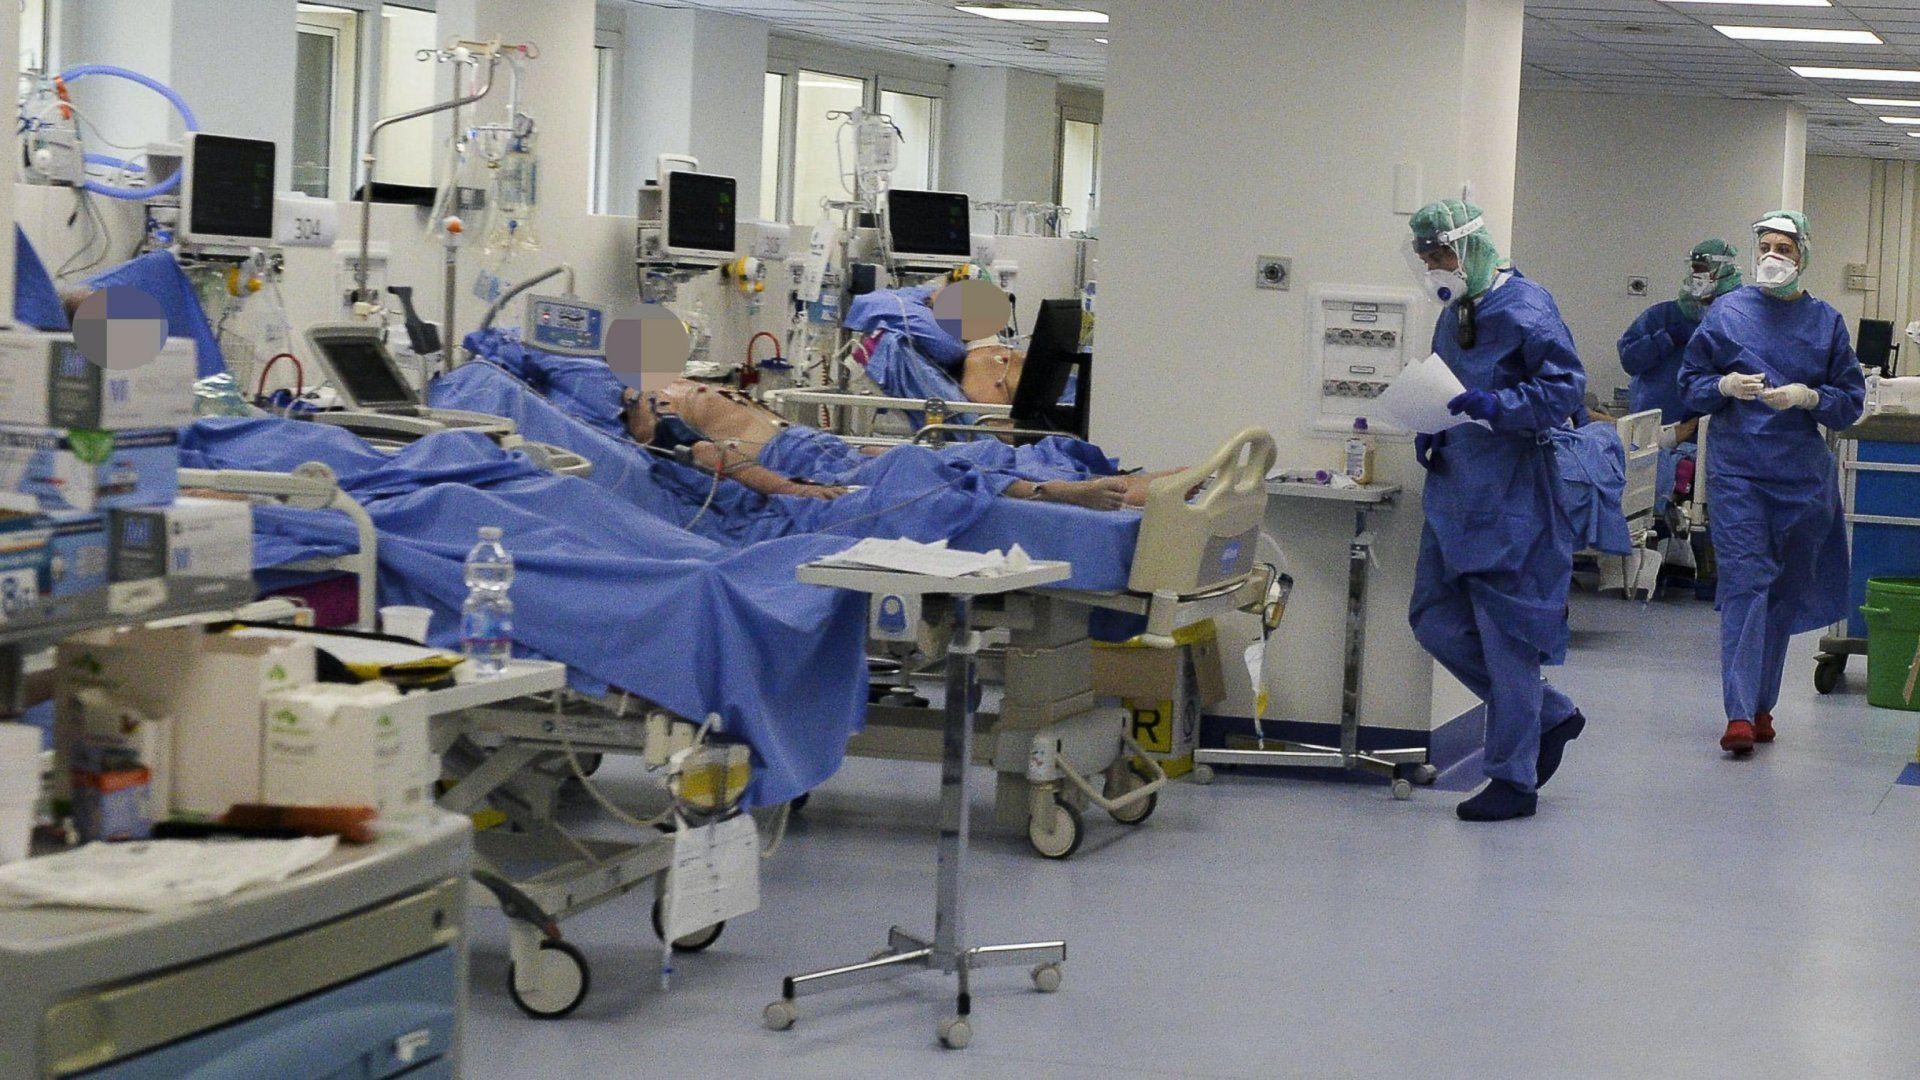 Az új koronavírus okozta megbetegedések kezelésére a bresciai Poliambulanza kórház fizikoterápiás tornatermében létesített tizenöt ágyas intenzív osztály 2020. március 30-án (Fotó: MTI/EPA/ANSA/Andrea Fasani)